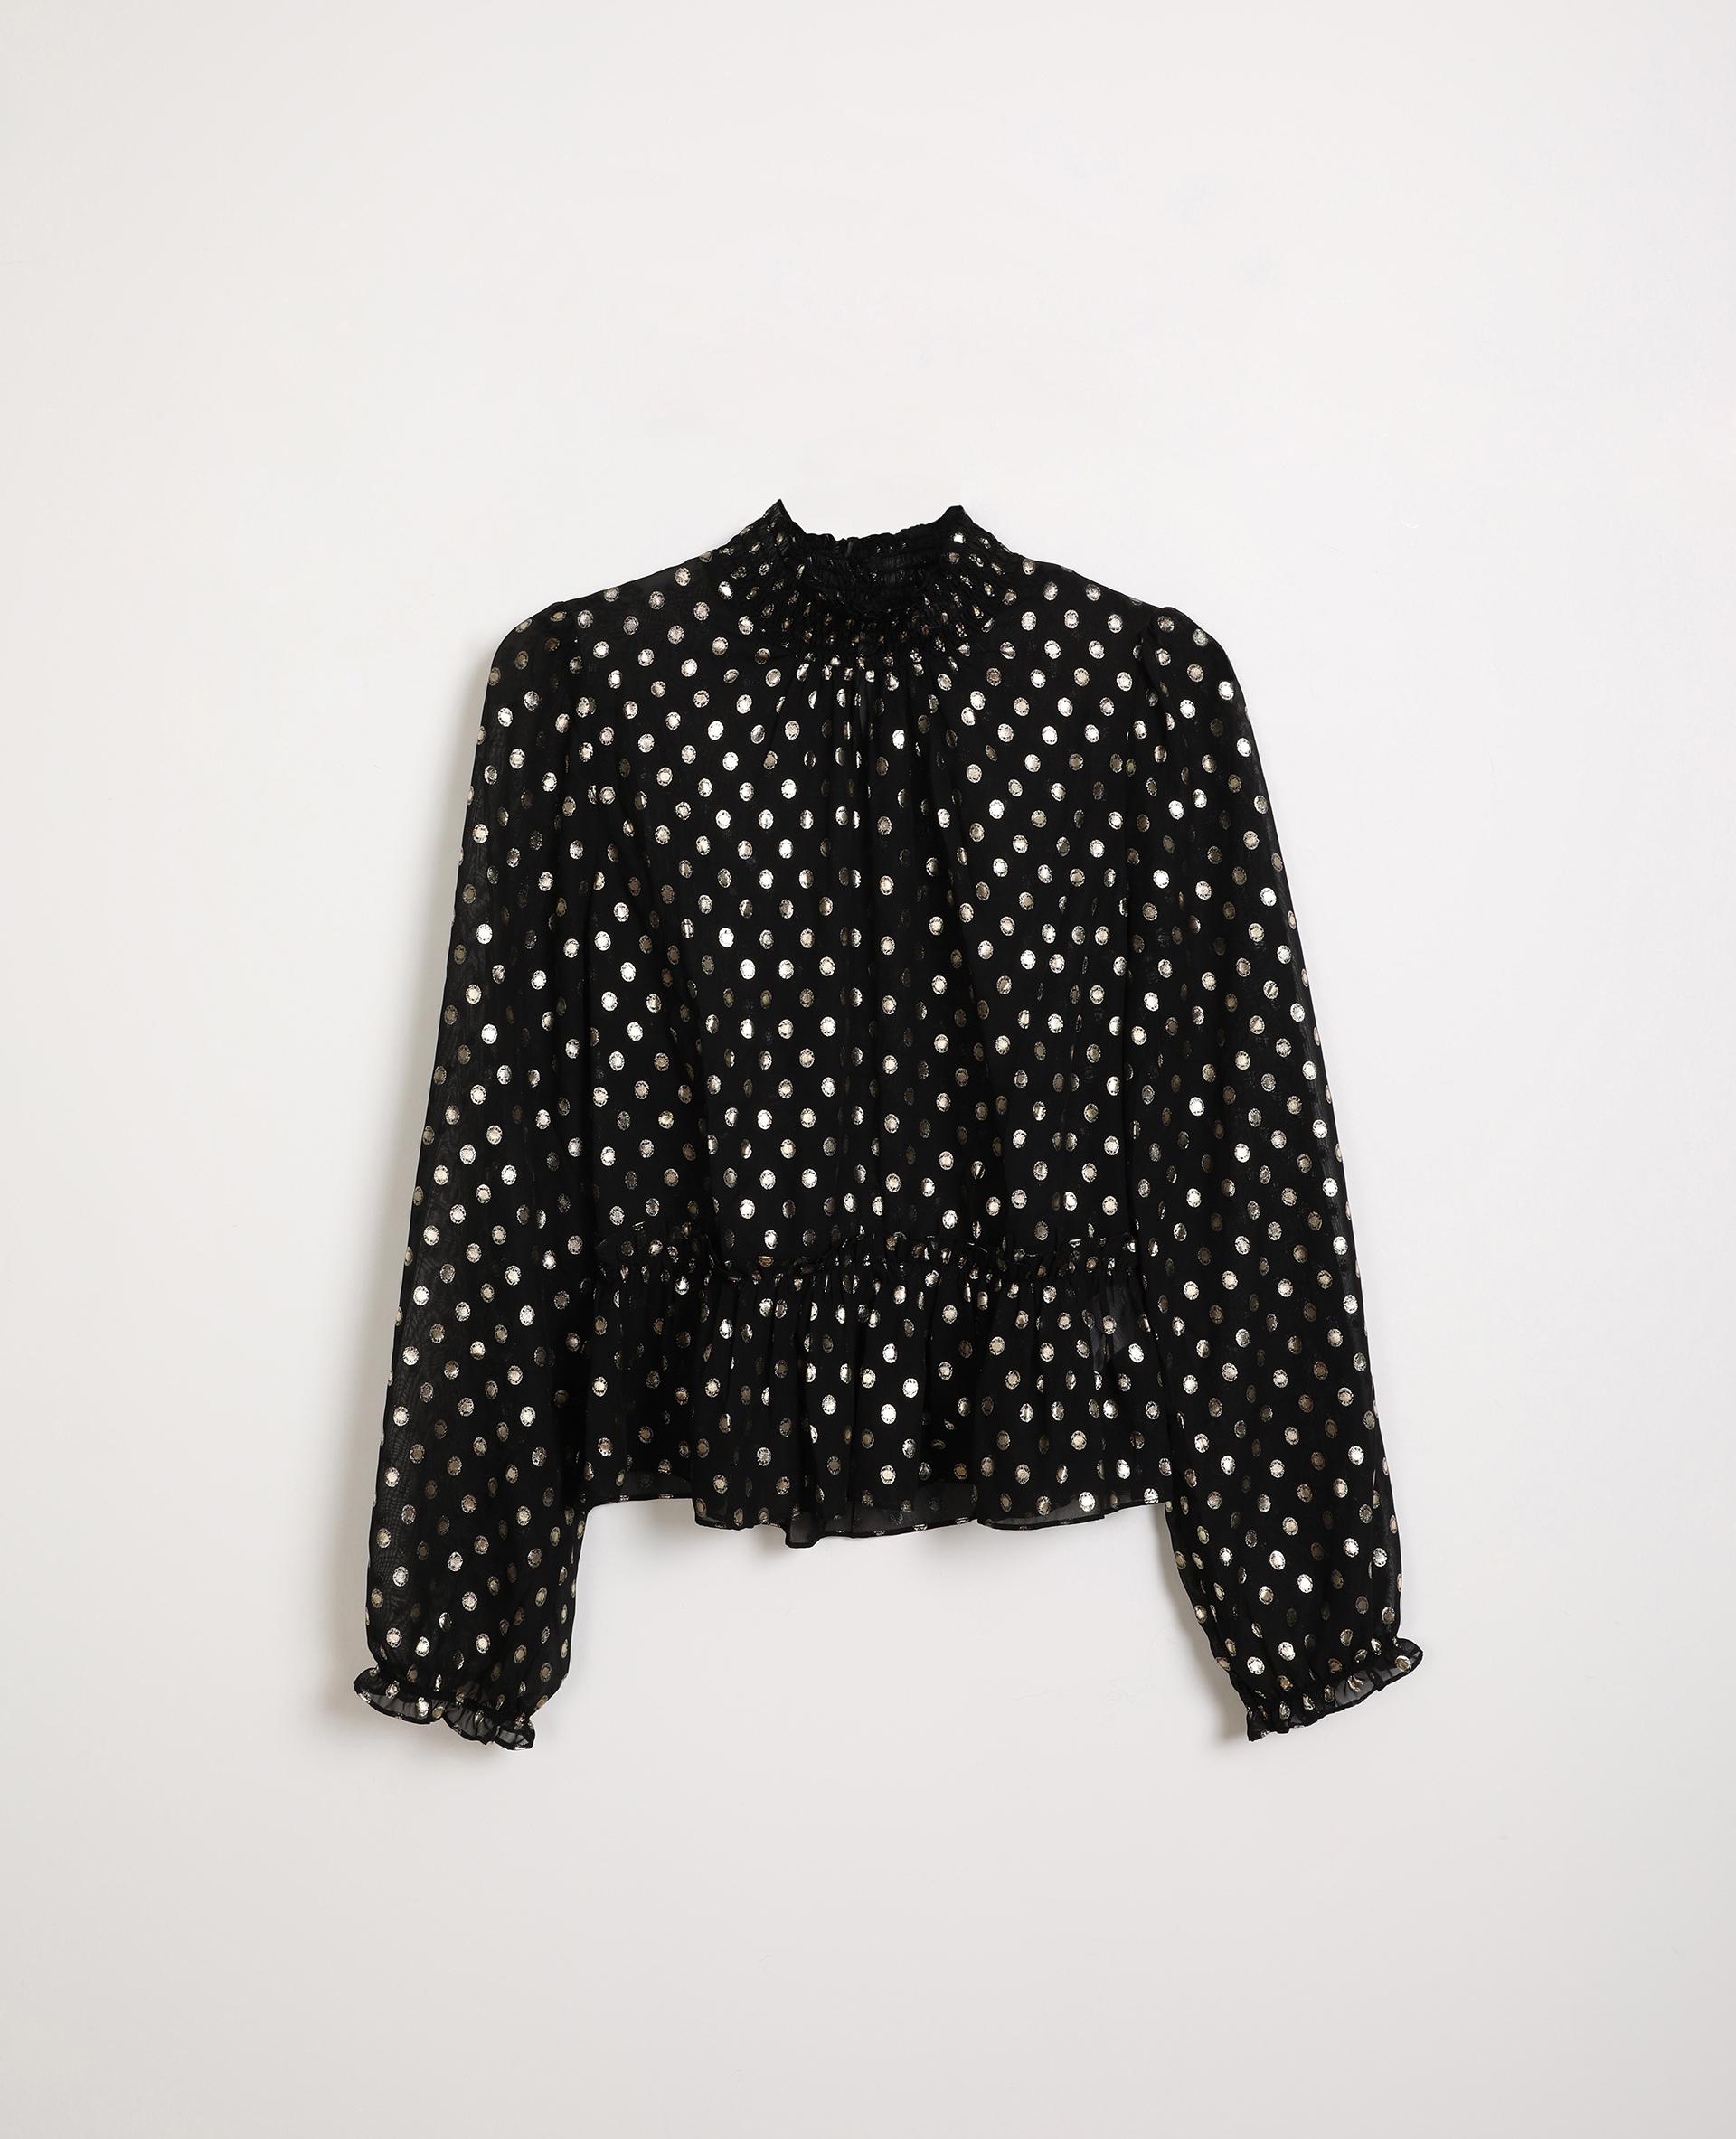 Blouse transparente noir - Pimkie